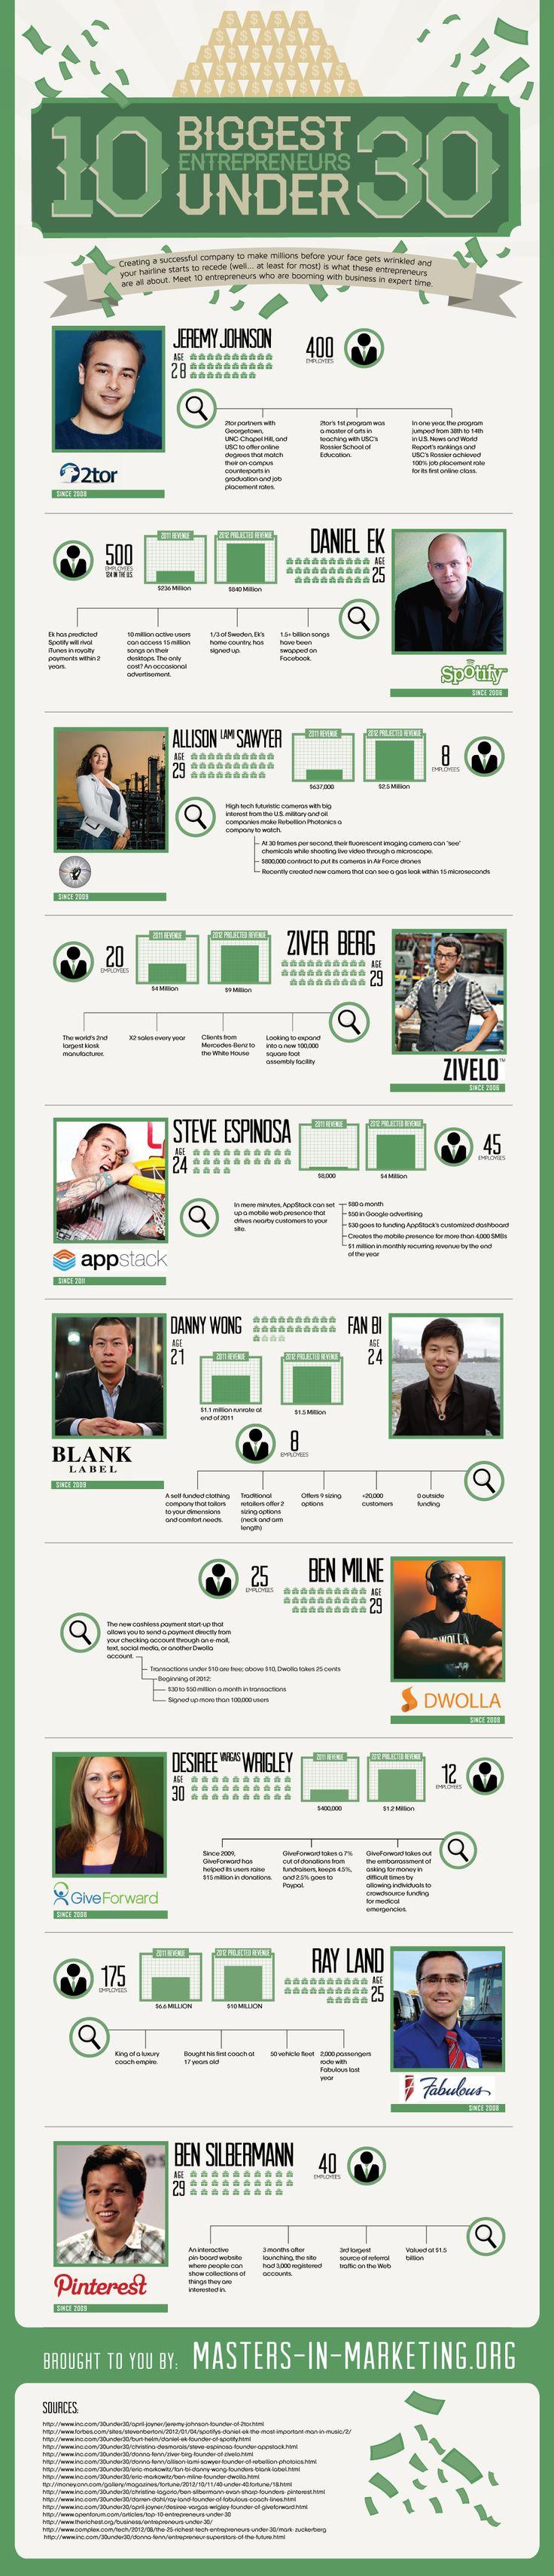 10 Biggest Entrepreneurs Under 30